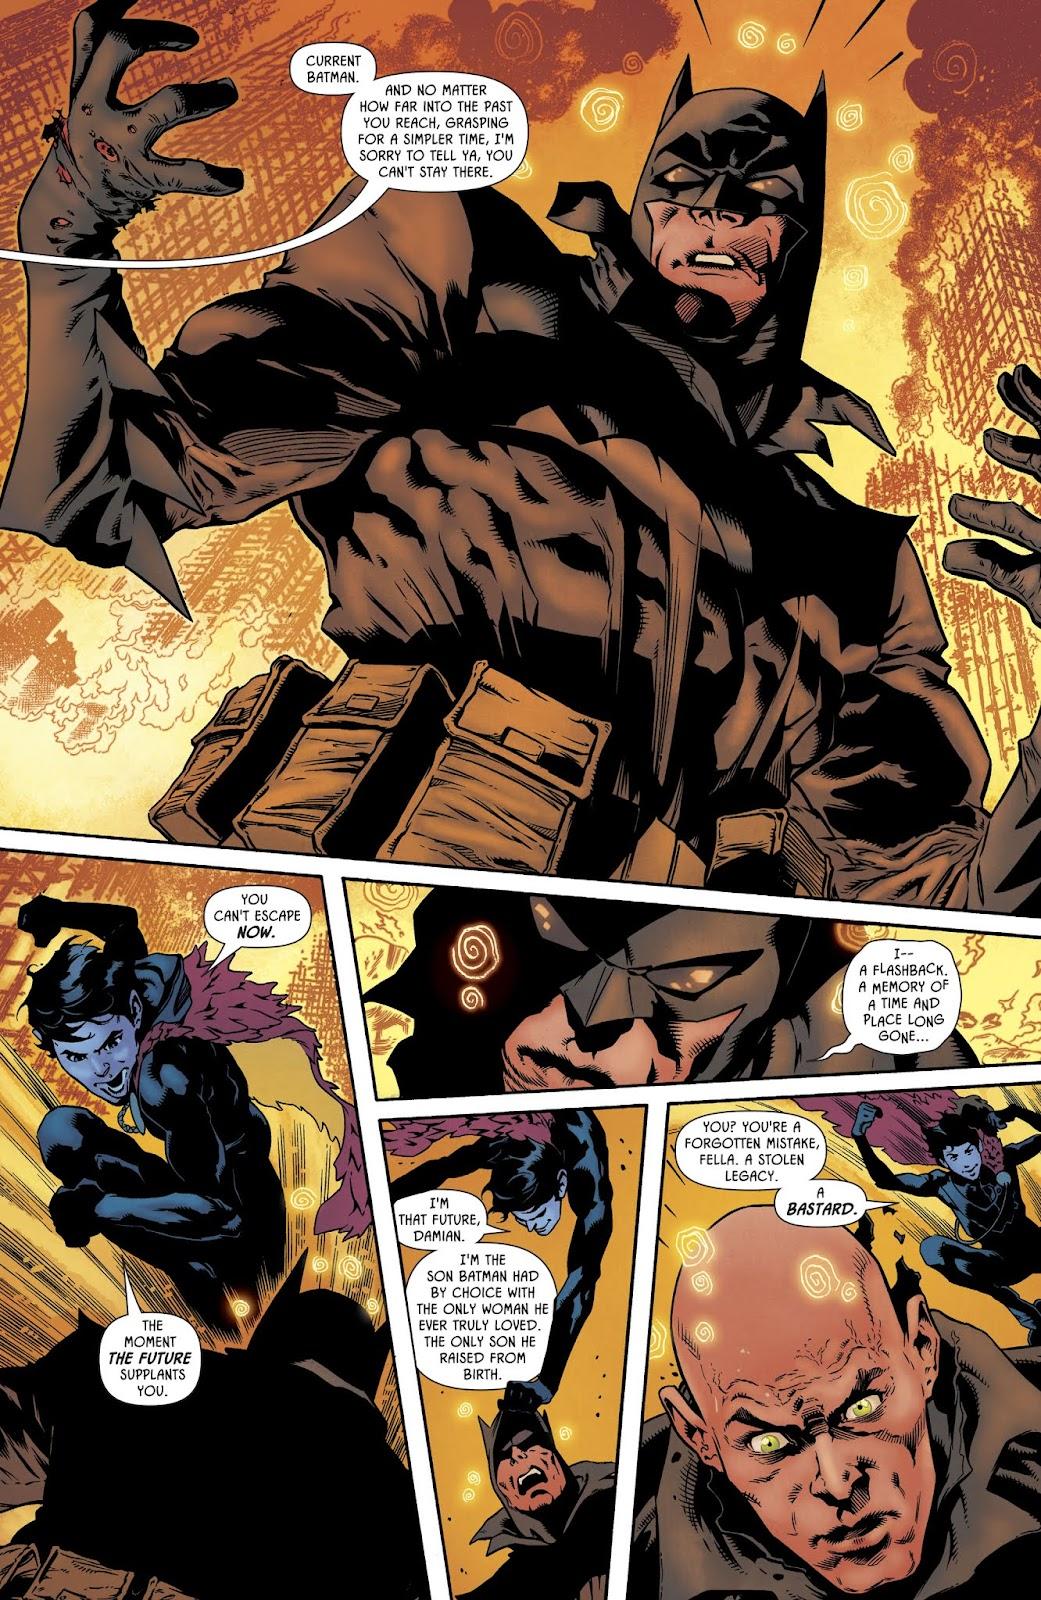 The Damian Wayne Appreciation - Page 730